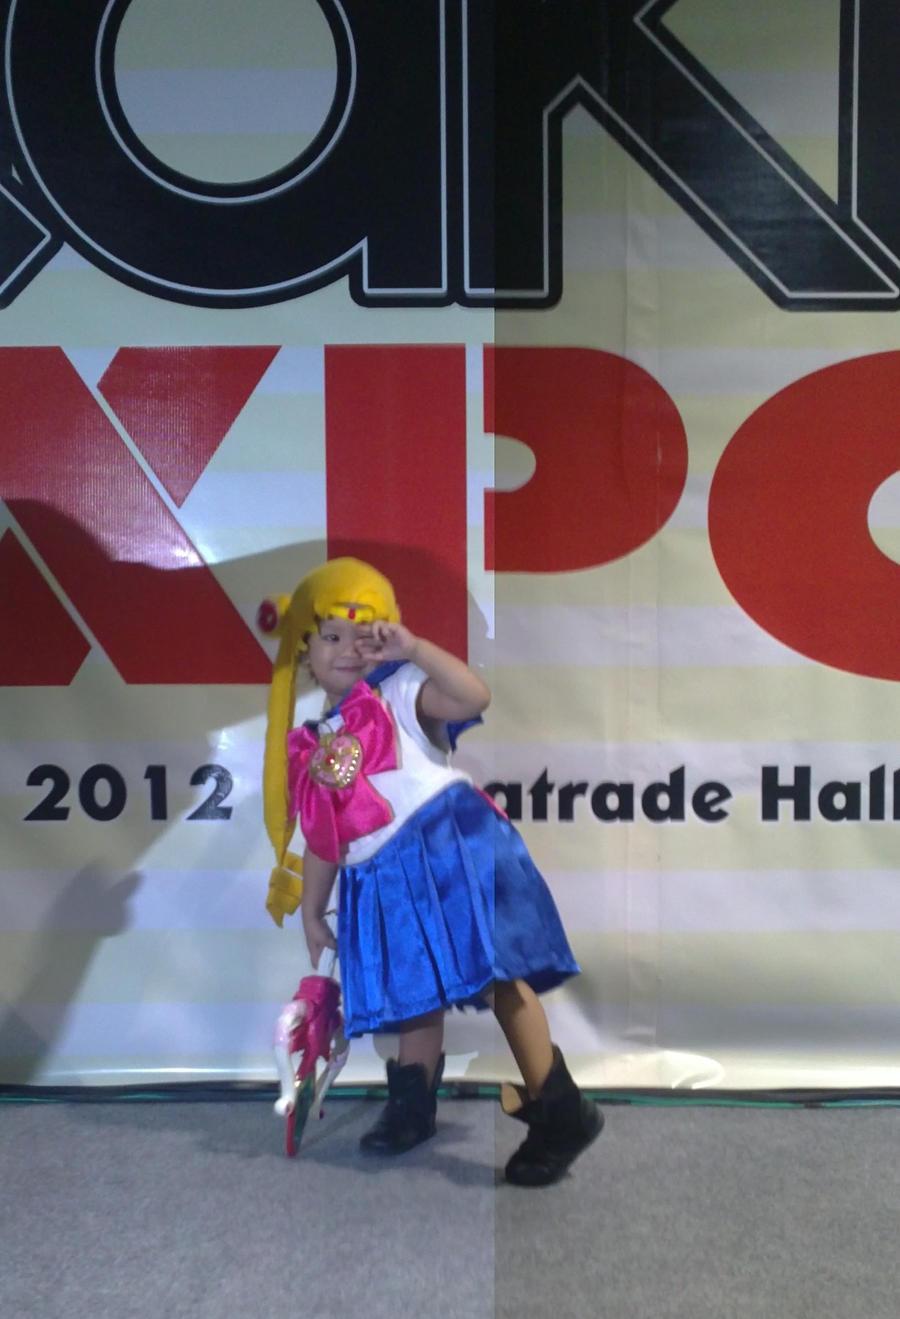 AYAME MOON AT THE OTAKU EXPO by prinsesaian